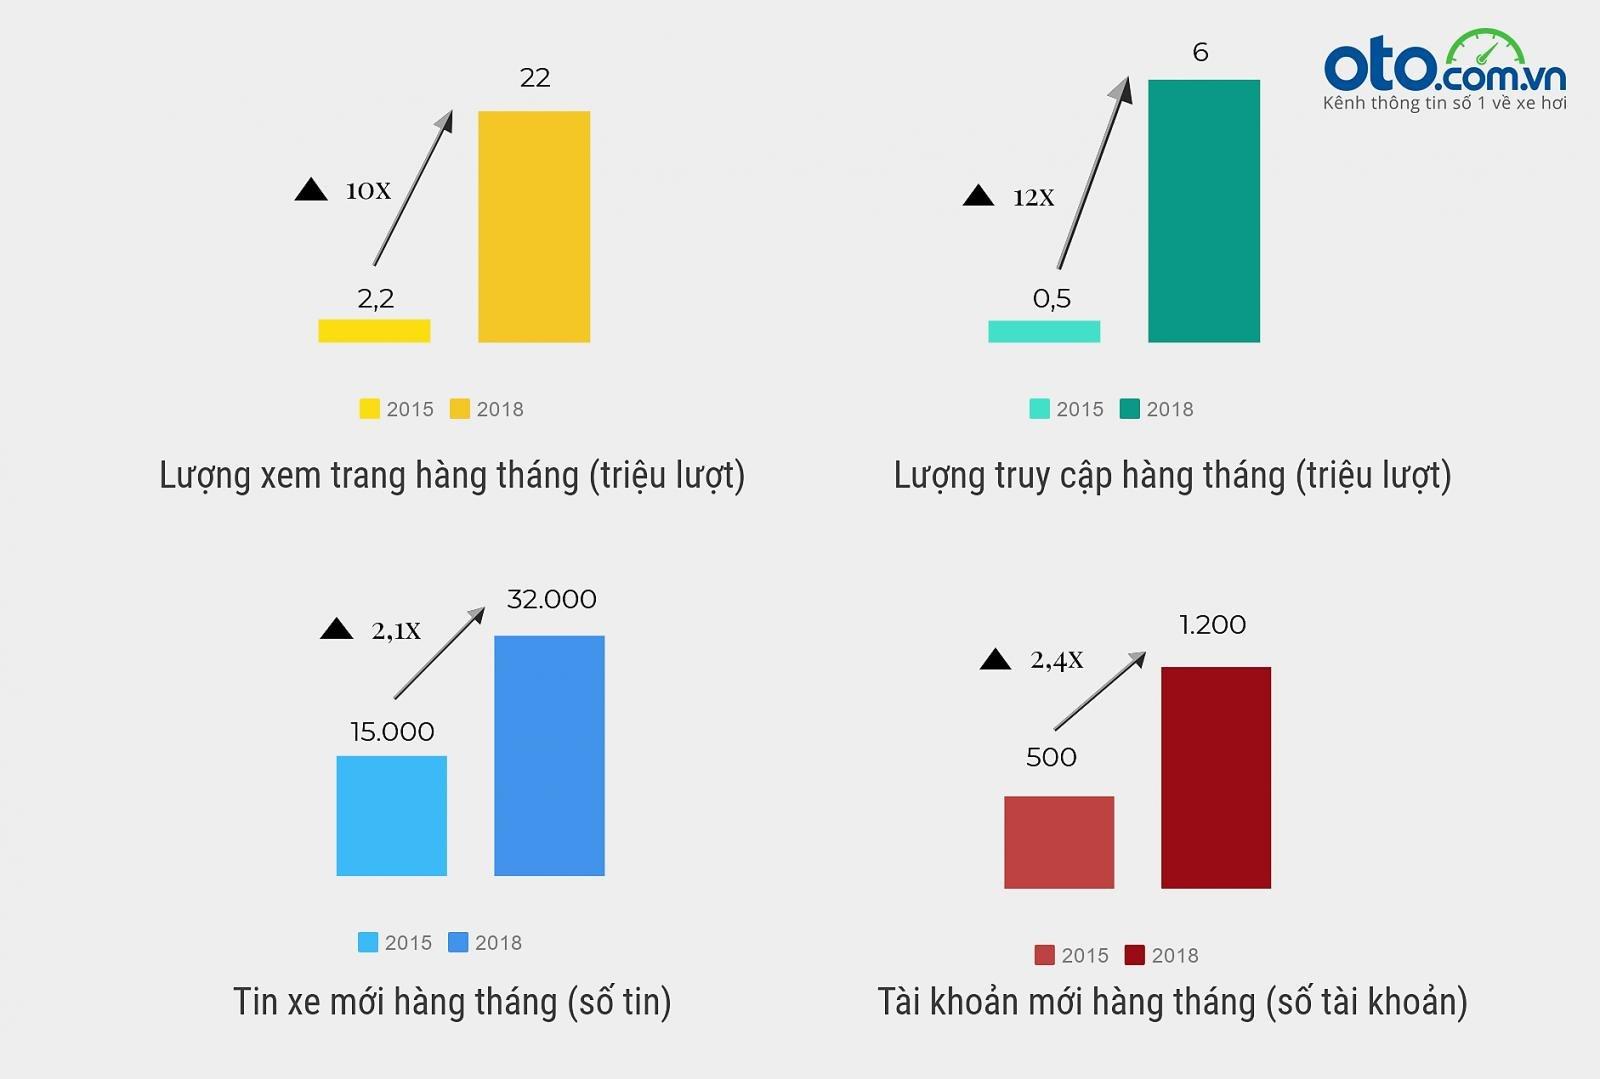 Oto.com.vn và những con số tăng trưởng đáng nể...